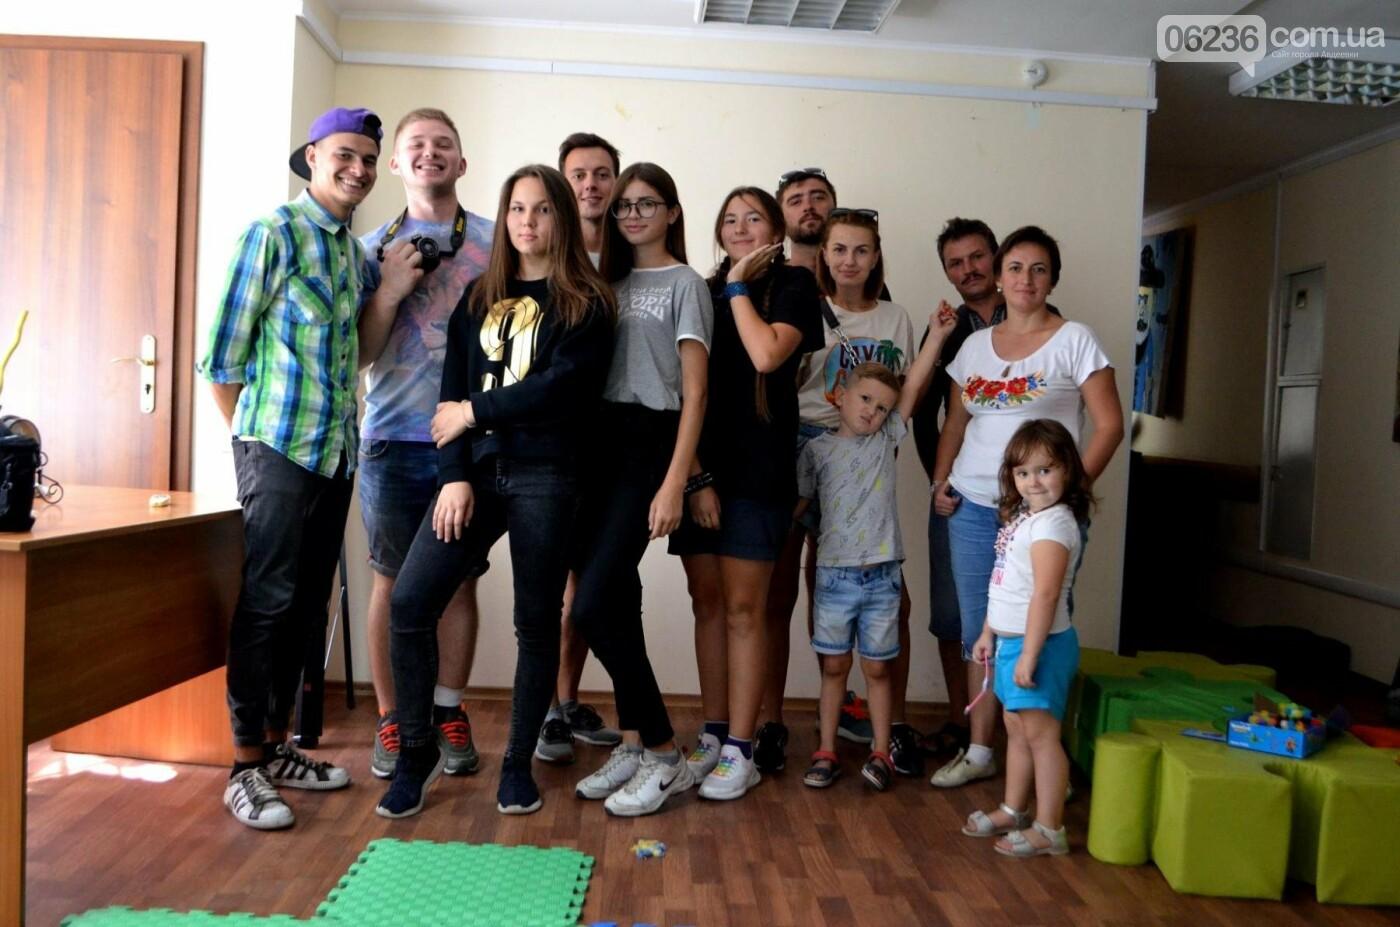 «Мечта идиота, нежность и рок-звезда»: в Авдеевке подвели итоги командного фотоквеста (ФОТО), фото-6